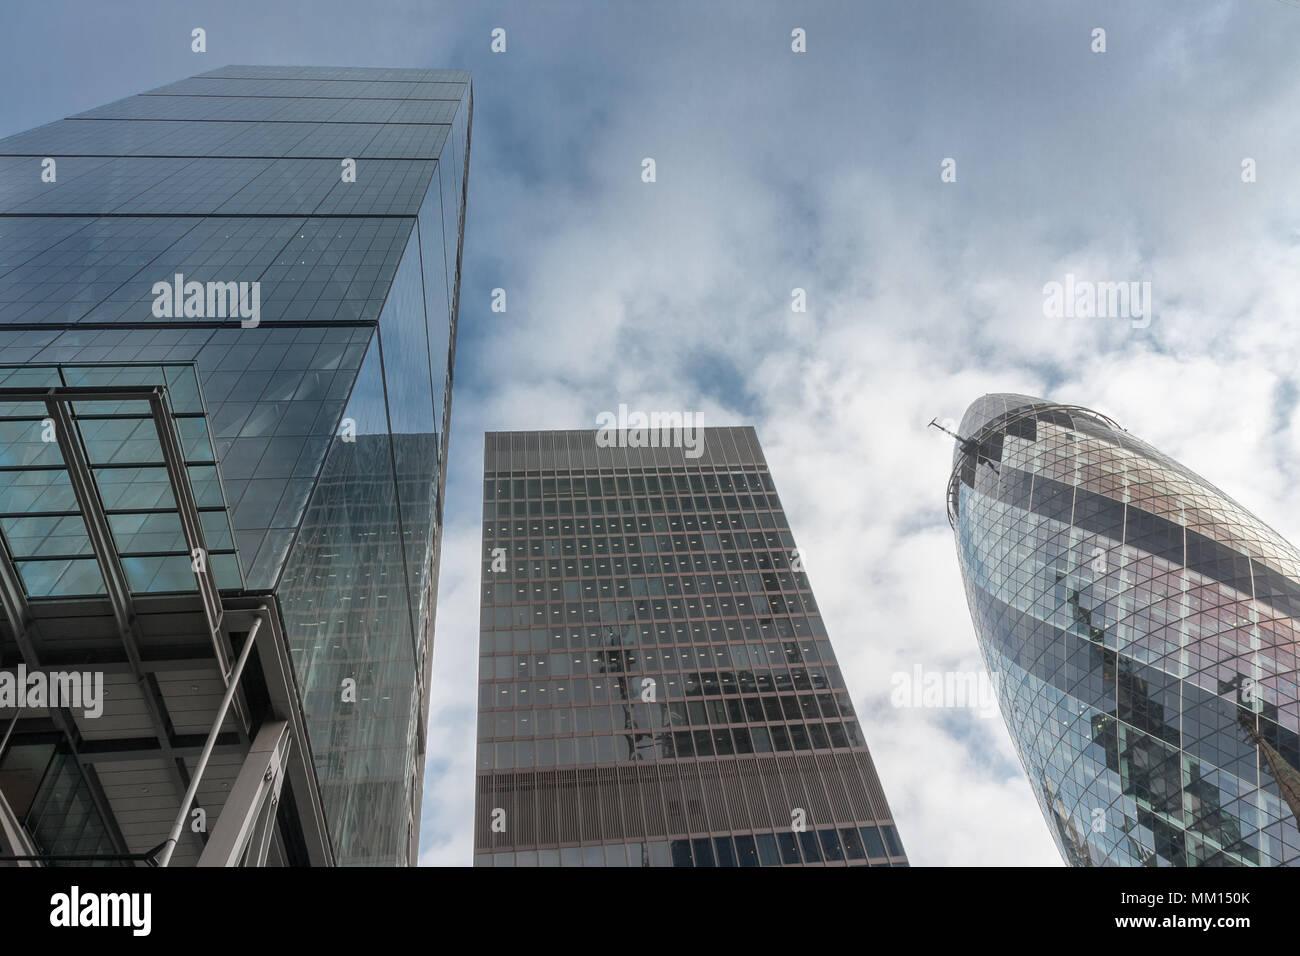 CITY OF LONDON, LONDON - SEPTEMBER 7,2017: Die Leadenhall Building, St Helens Wolkenkratzer und 30 St Mary Axe am 7. September 2017 in London. Stockbild